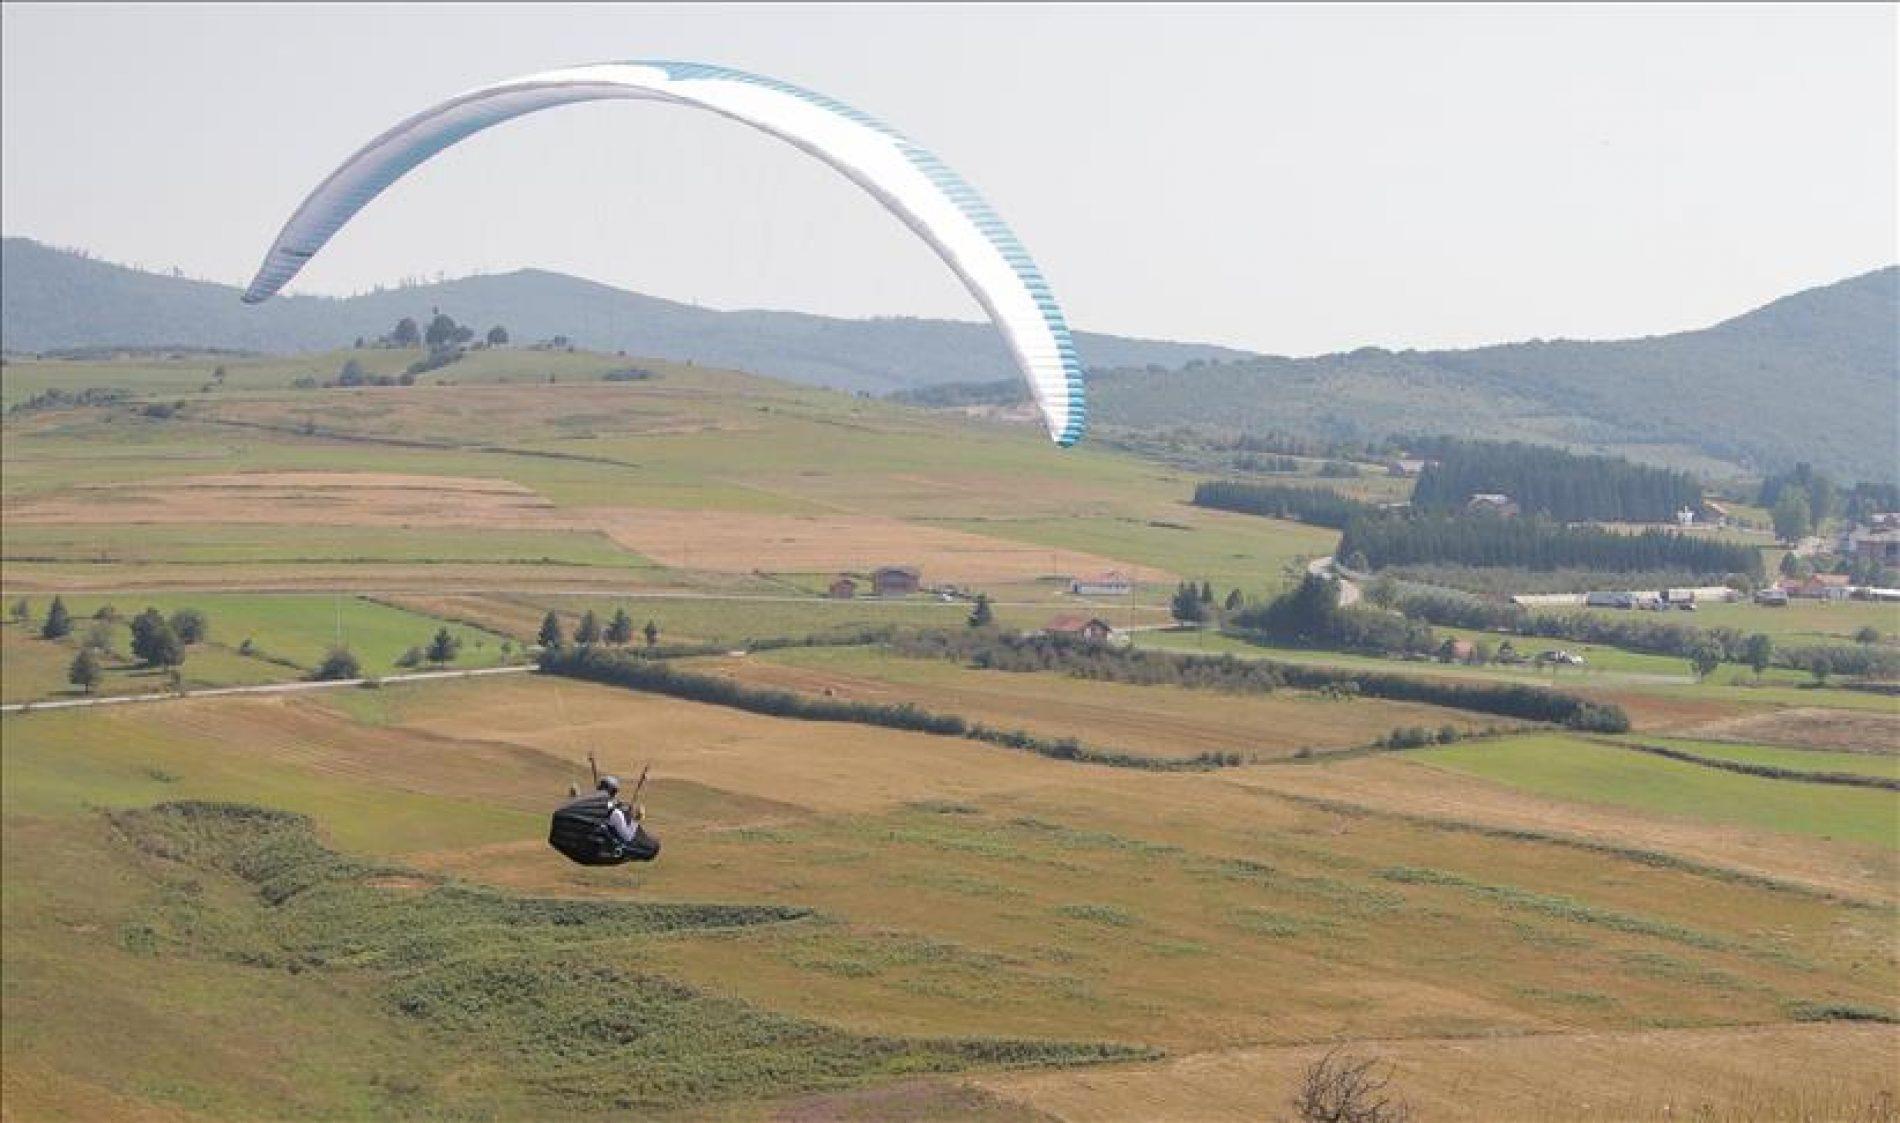 Paraglajding: Sve više stranaca dolazi u Bosnu i Hercegovinu da leti